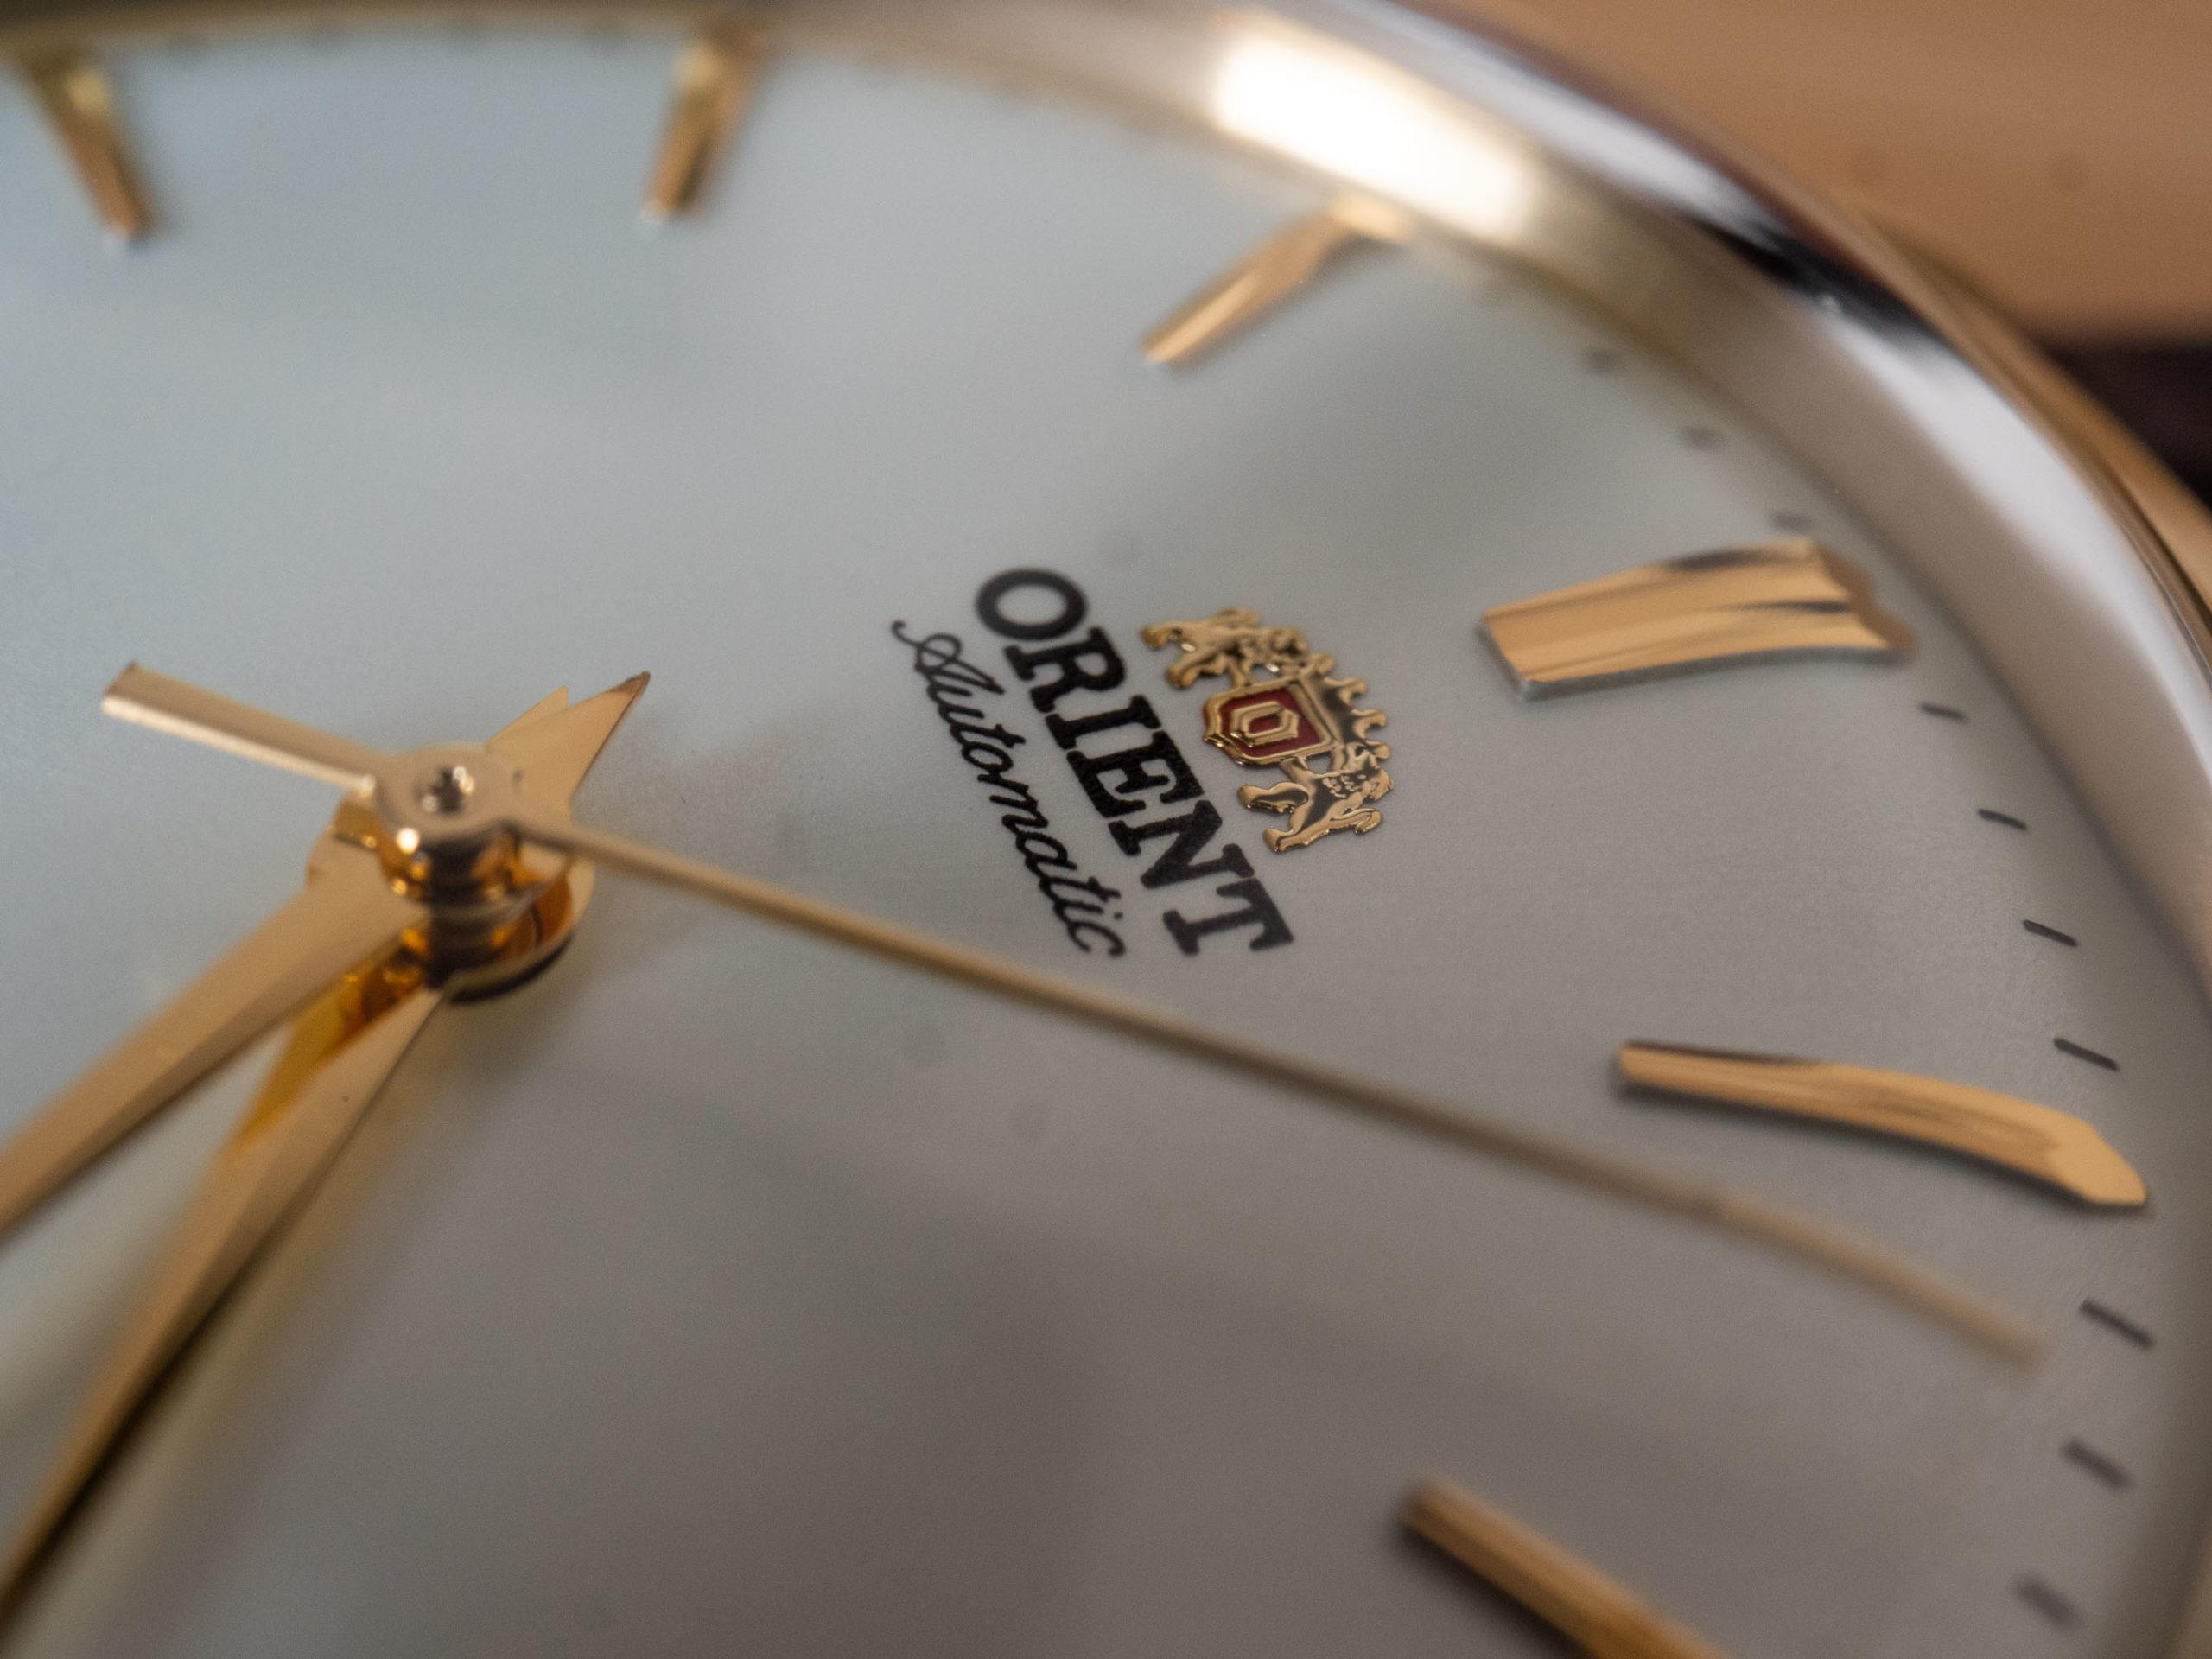 Orient Bambino 36 dial logo